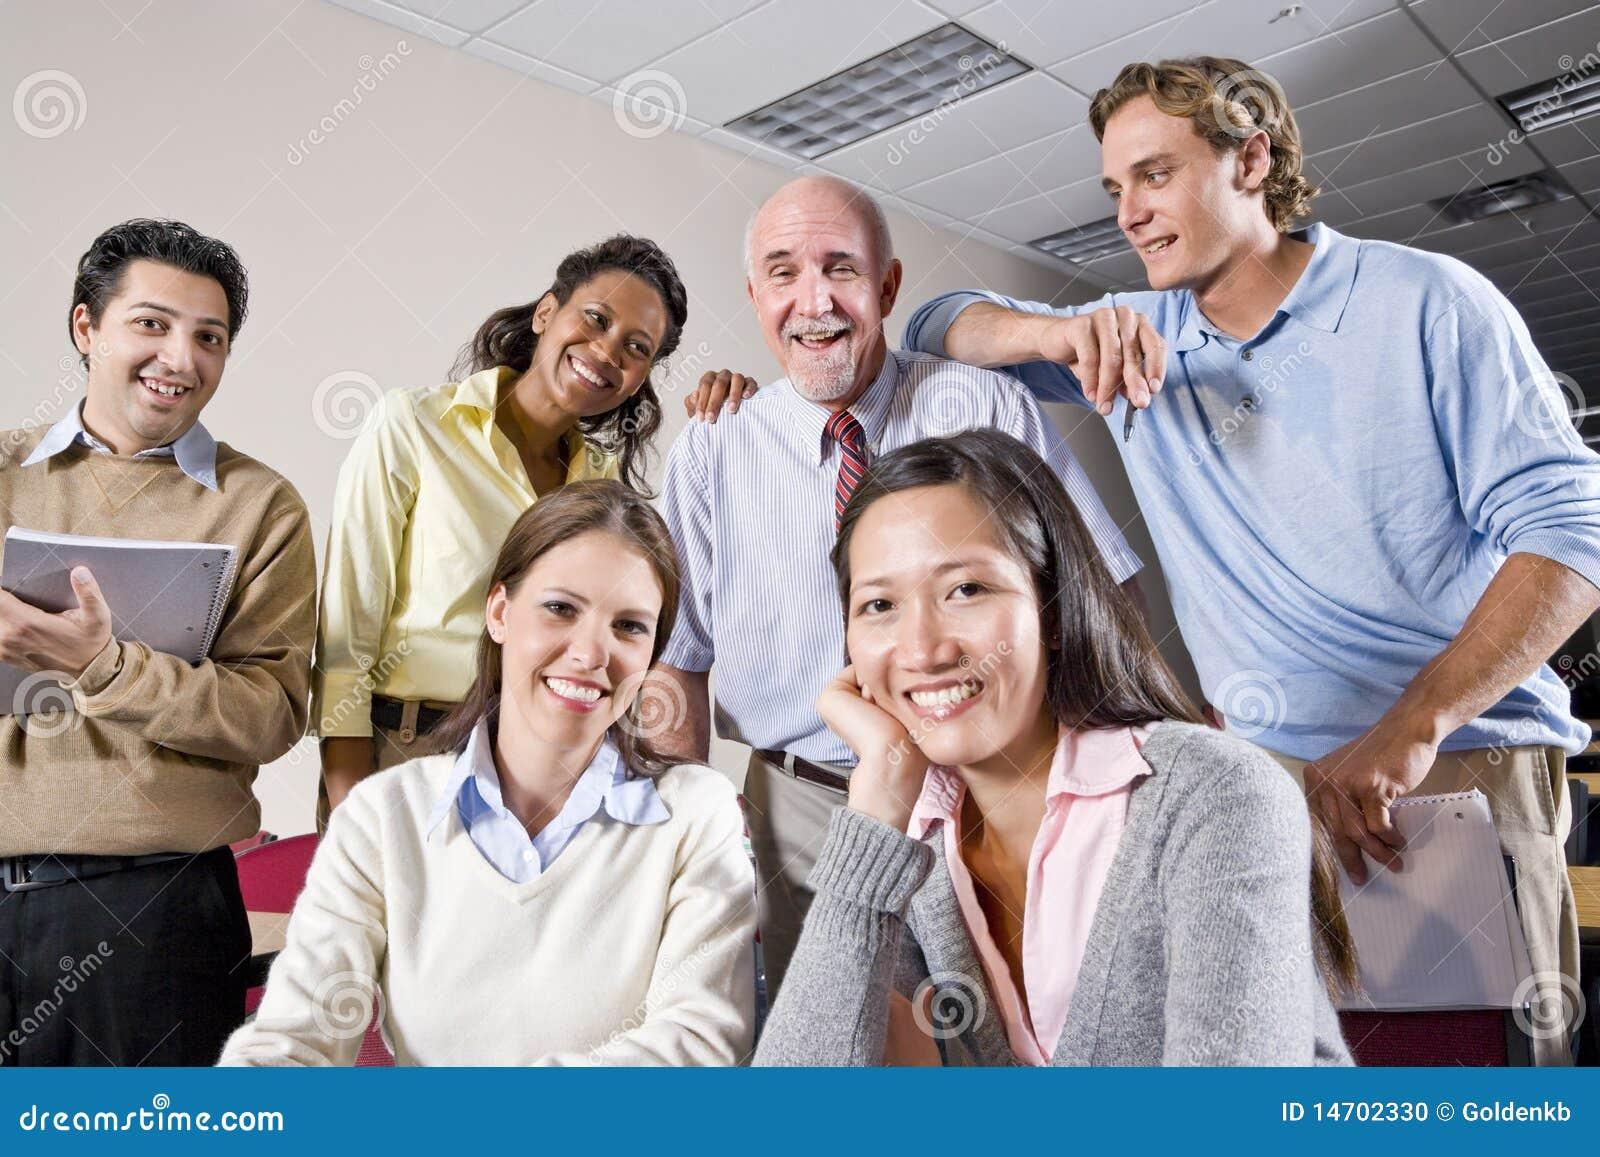 Ομάδα φοιτητών πανεπιστημίου και δασκάλου στην κλάση